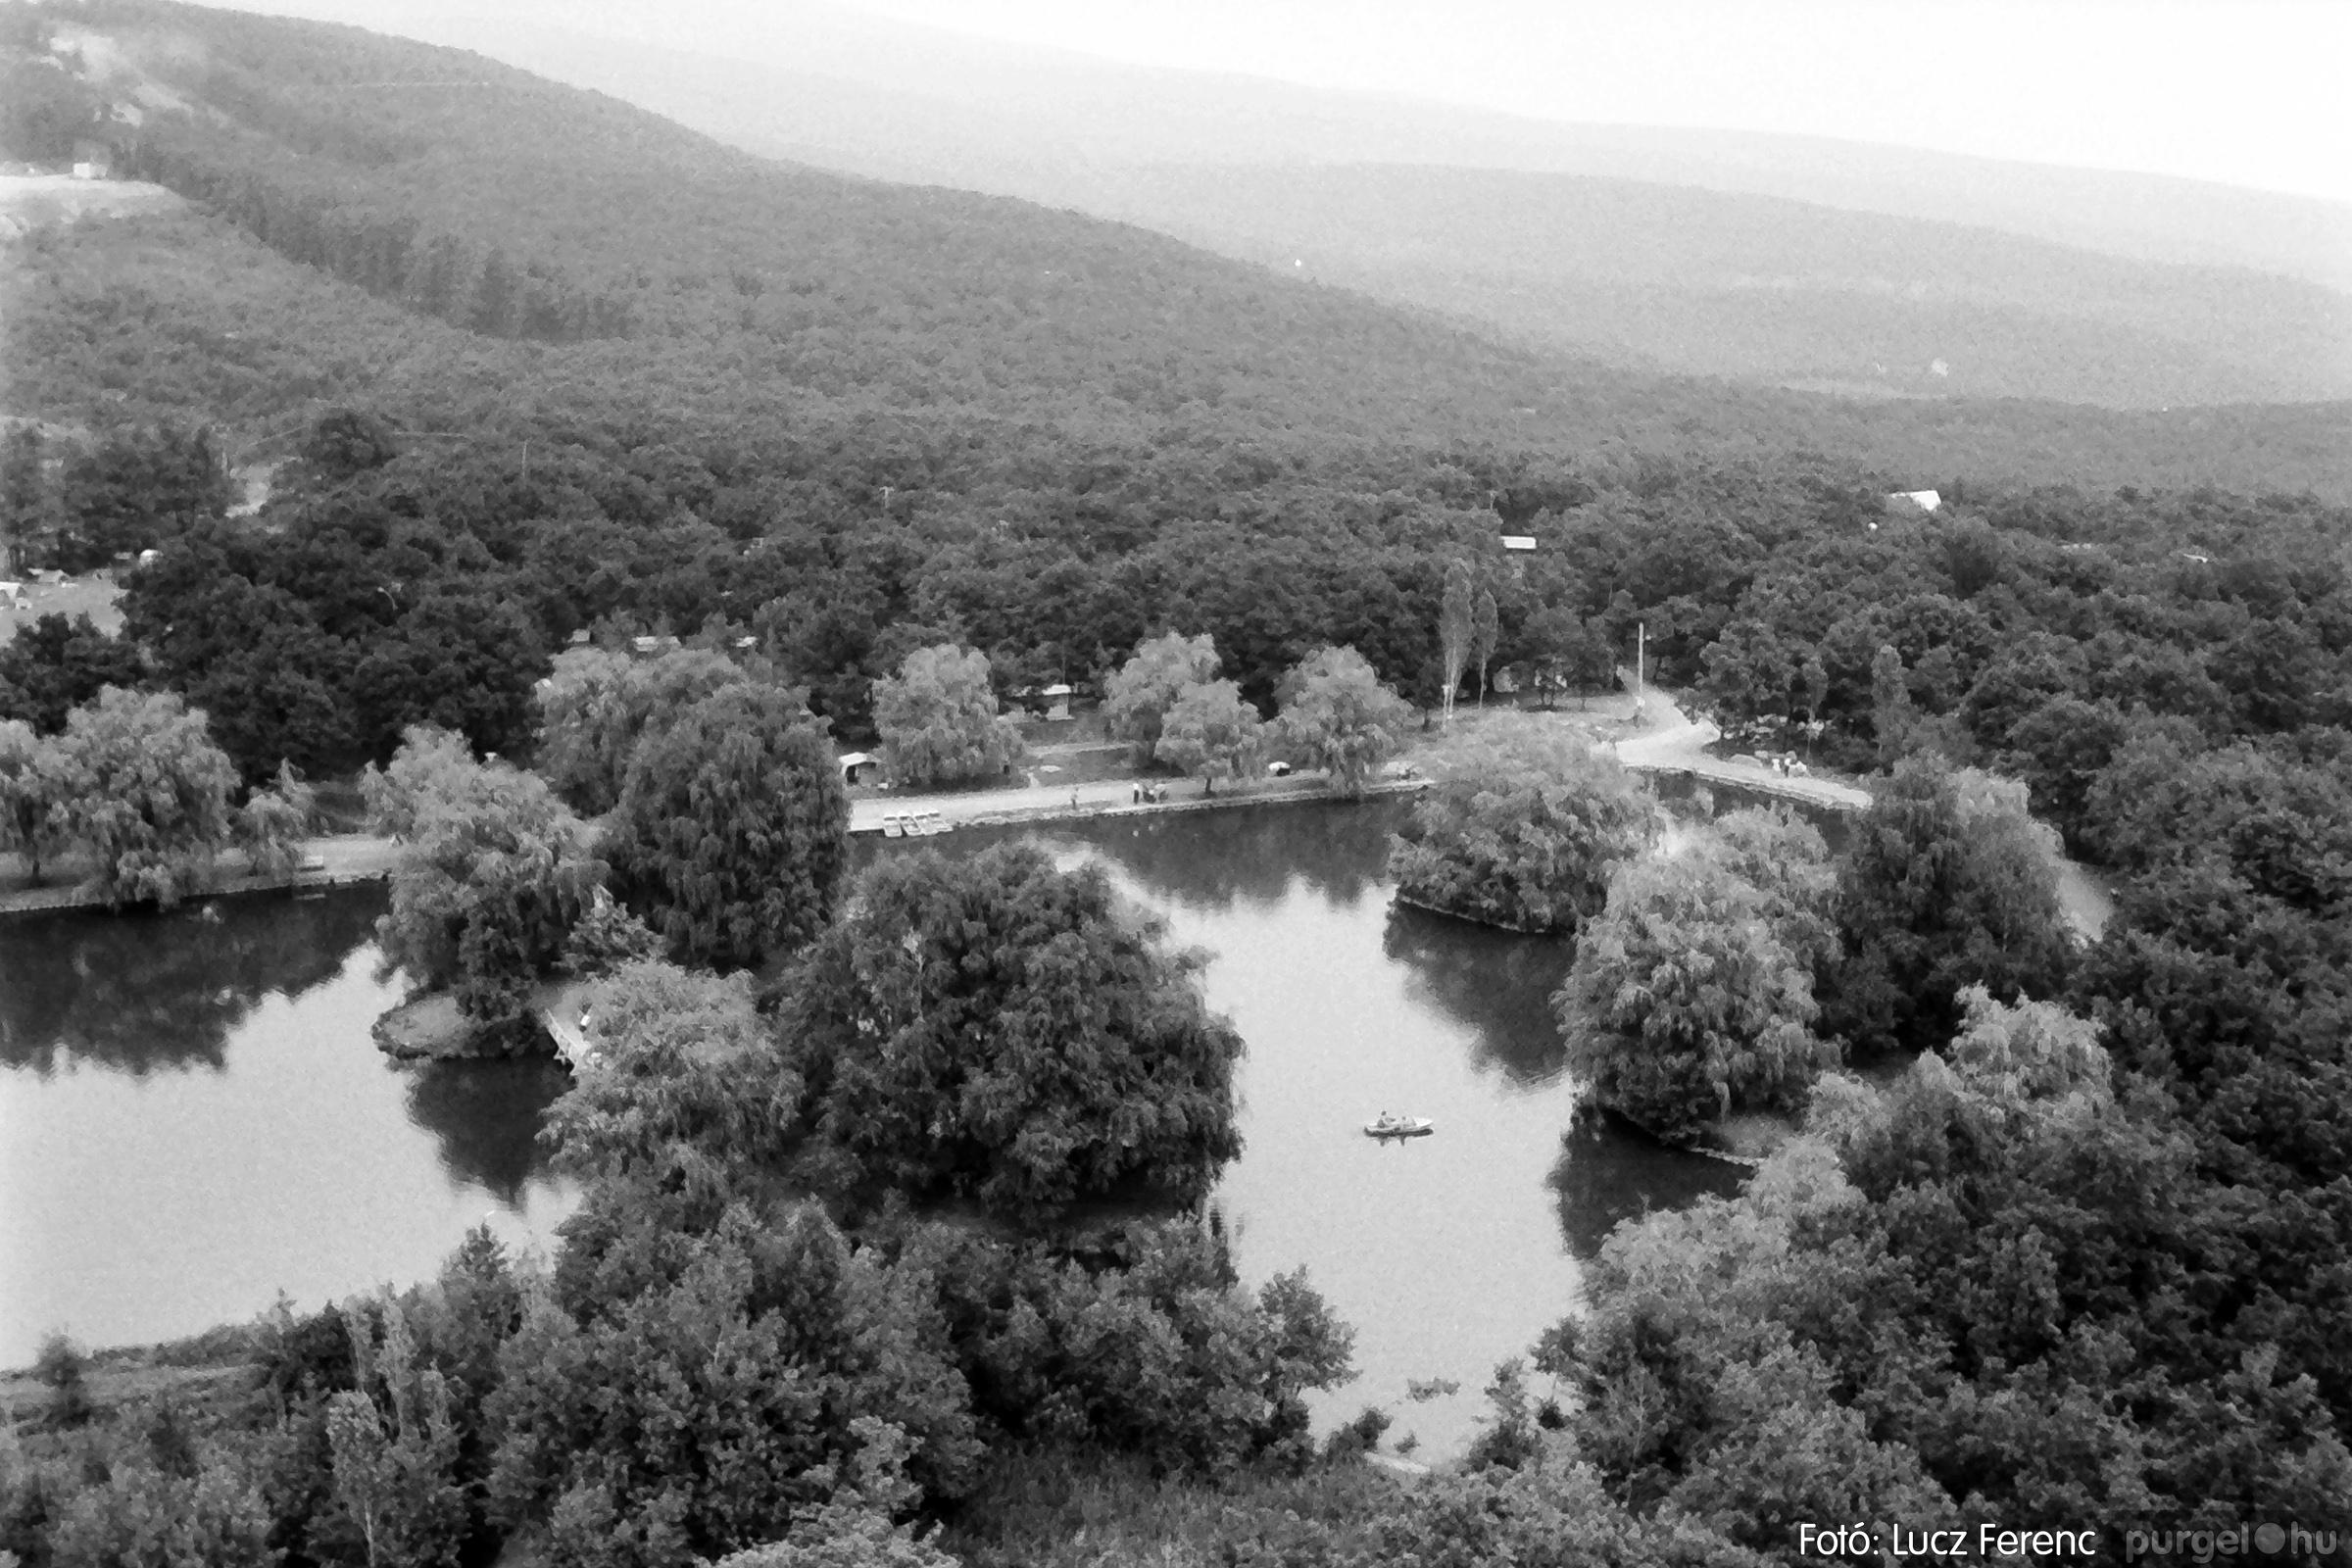 086, 088. 1977. Nyári tábor a Mátrában 010. - Fotó: Lucz Ferenc.jpg